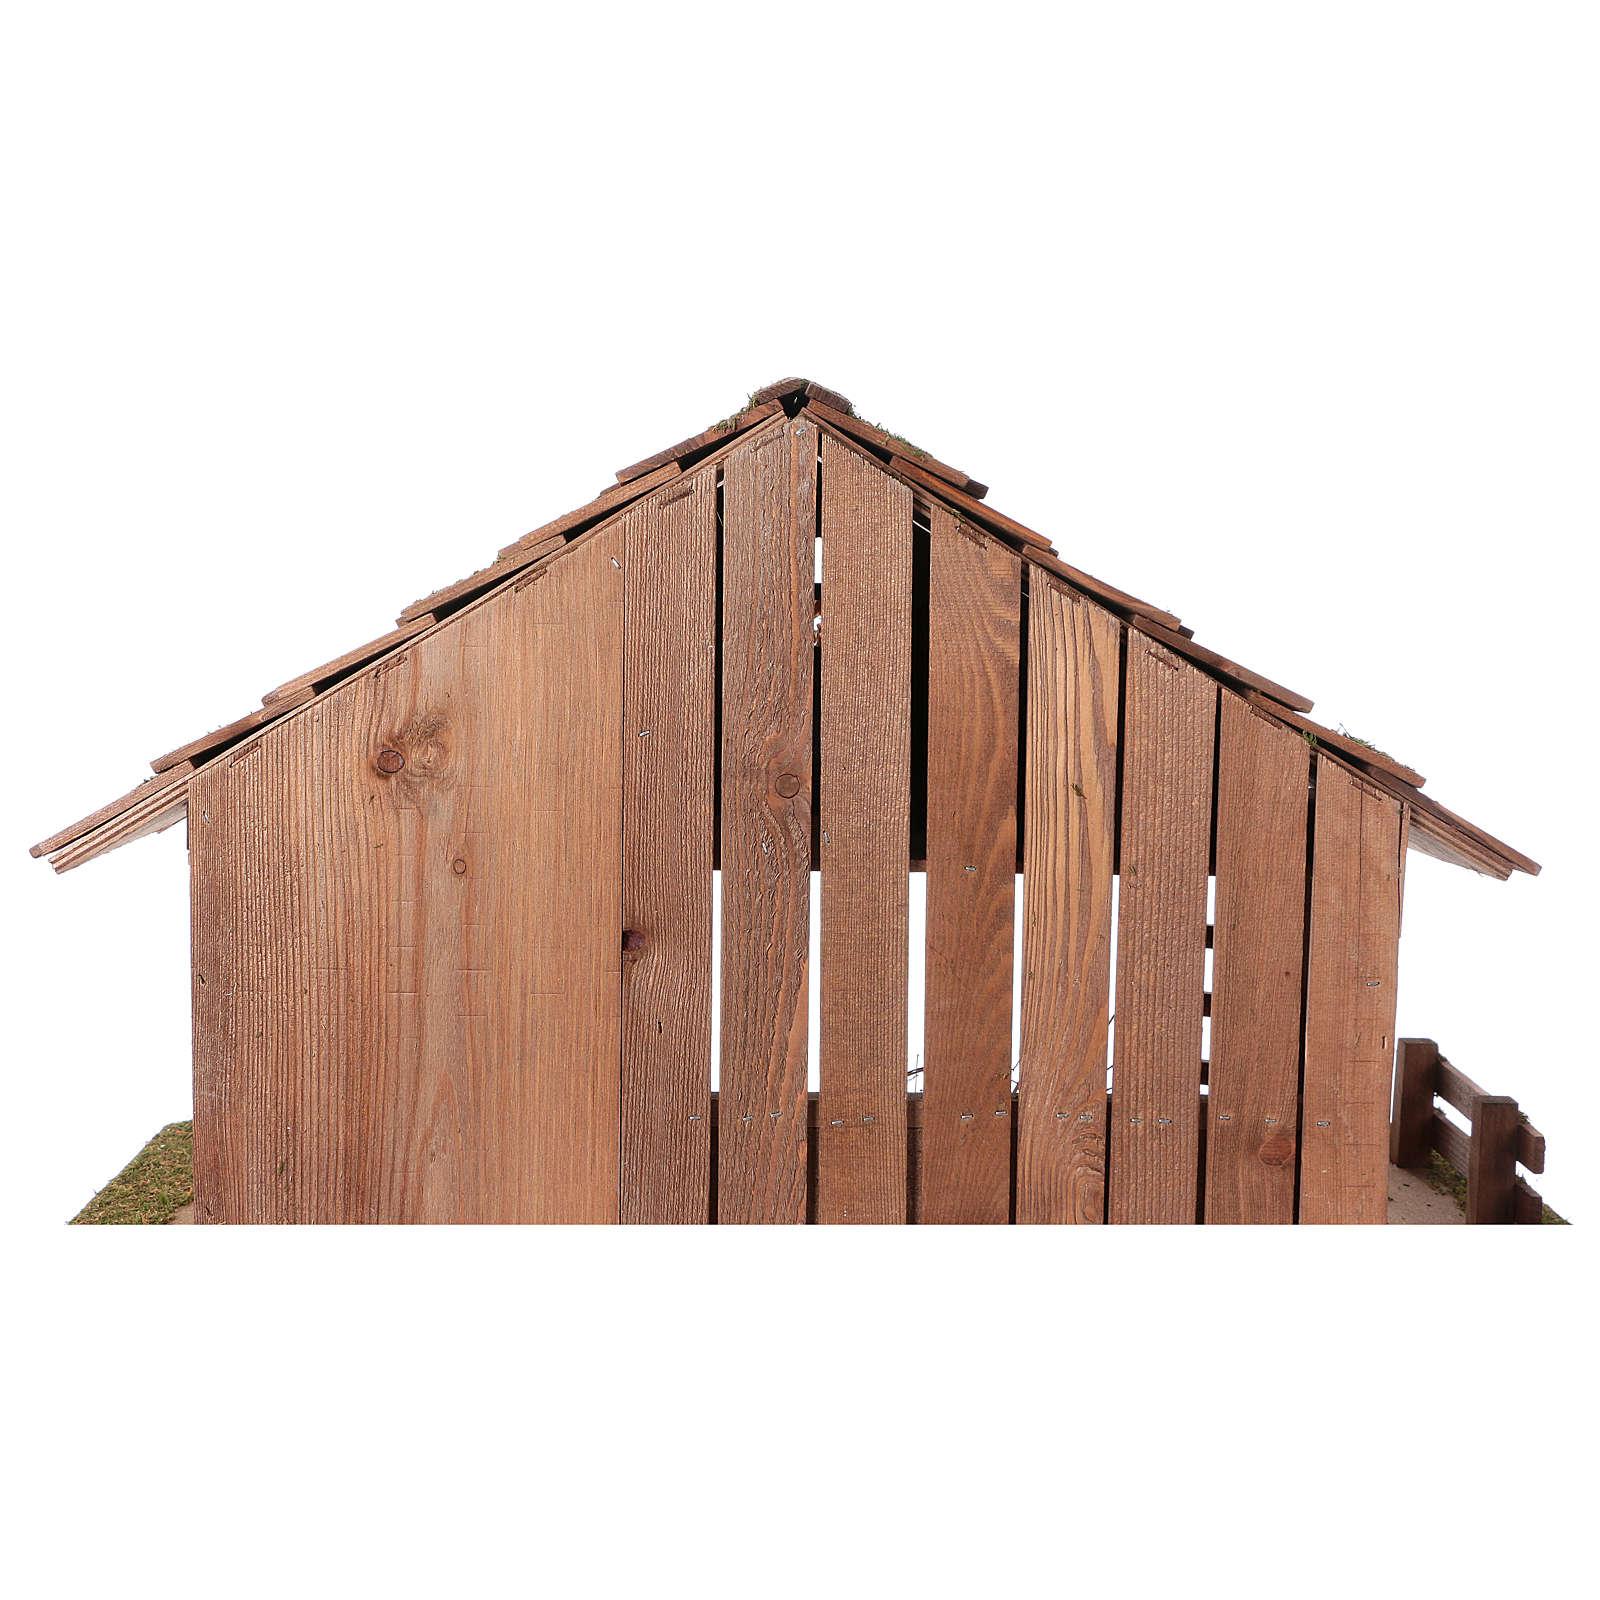 Stajenka styl nordycki z poddaszem widocznym i pomieszczeniem 34x59x30 cm do szopki 13 cm 4